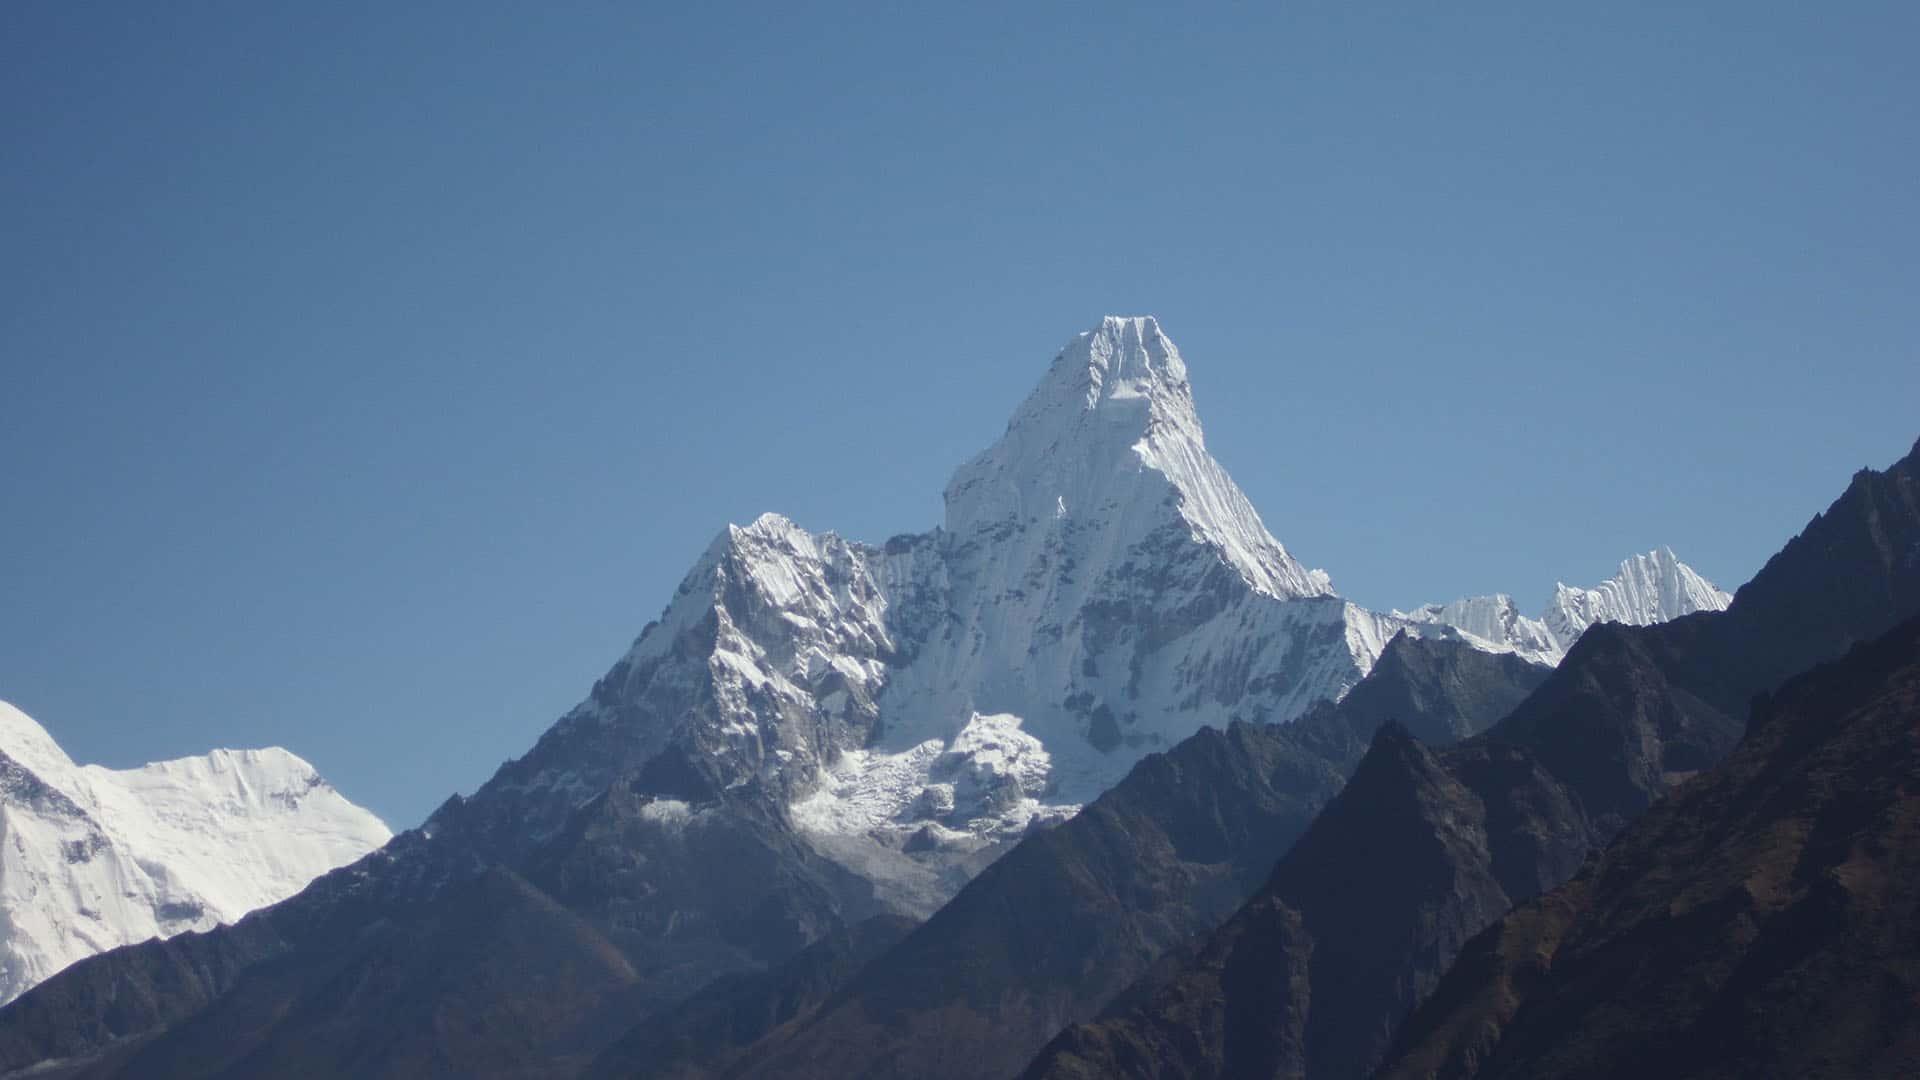 Ama Dablam Expedition